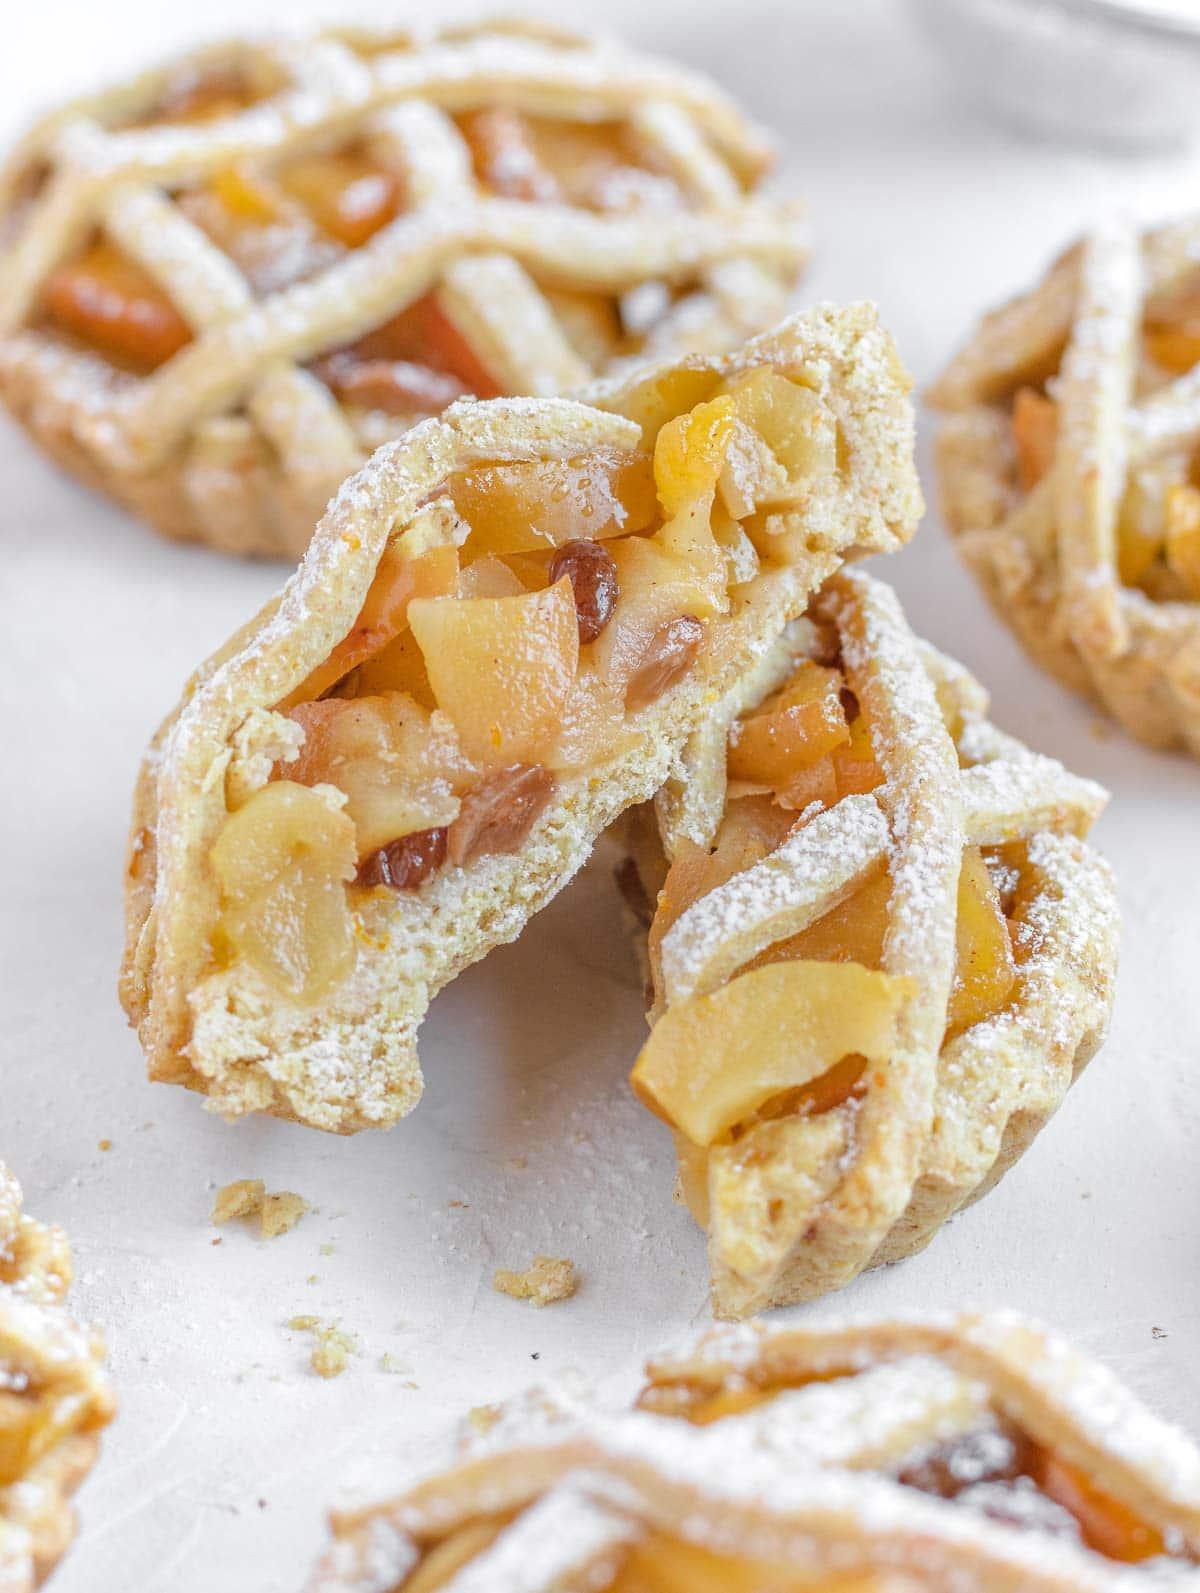 Cut open mini apple tart